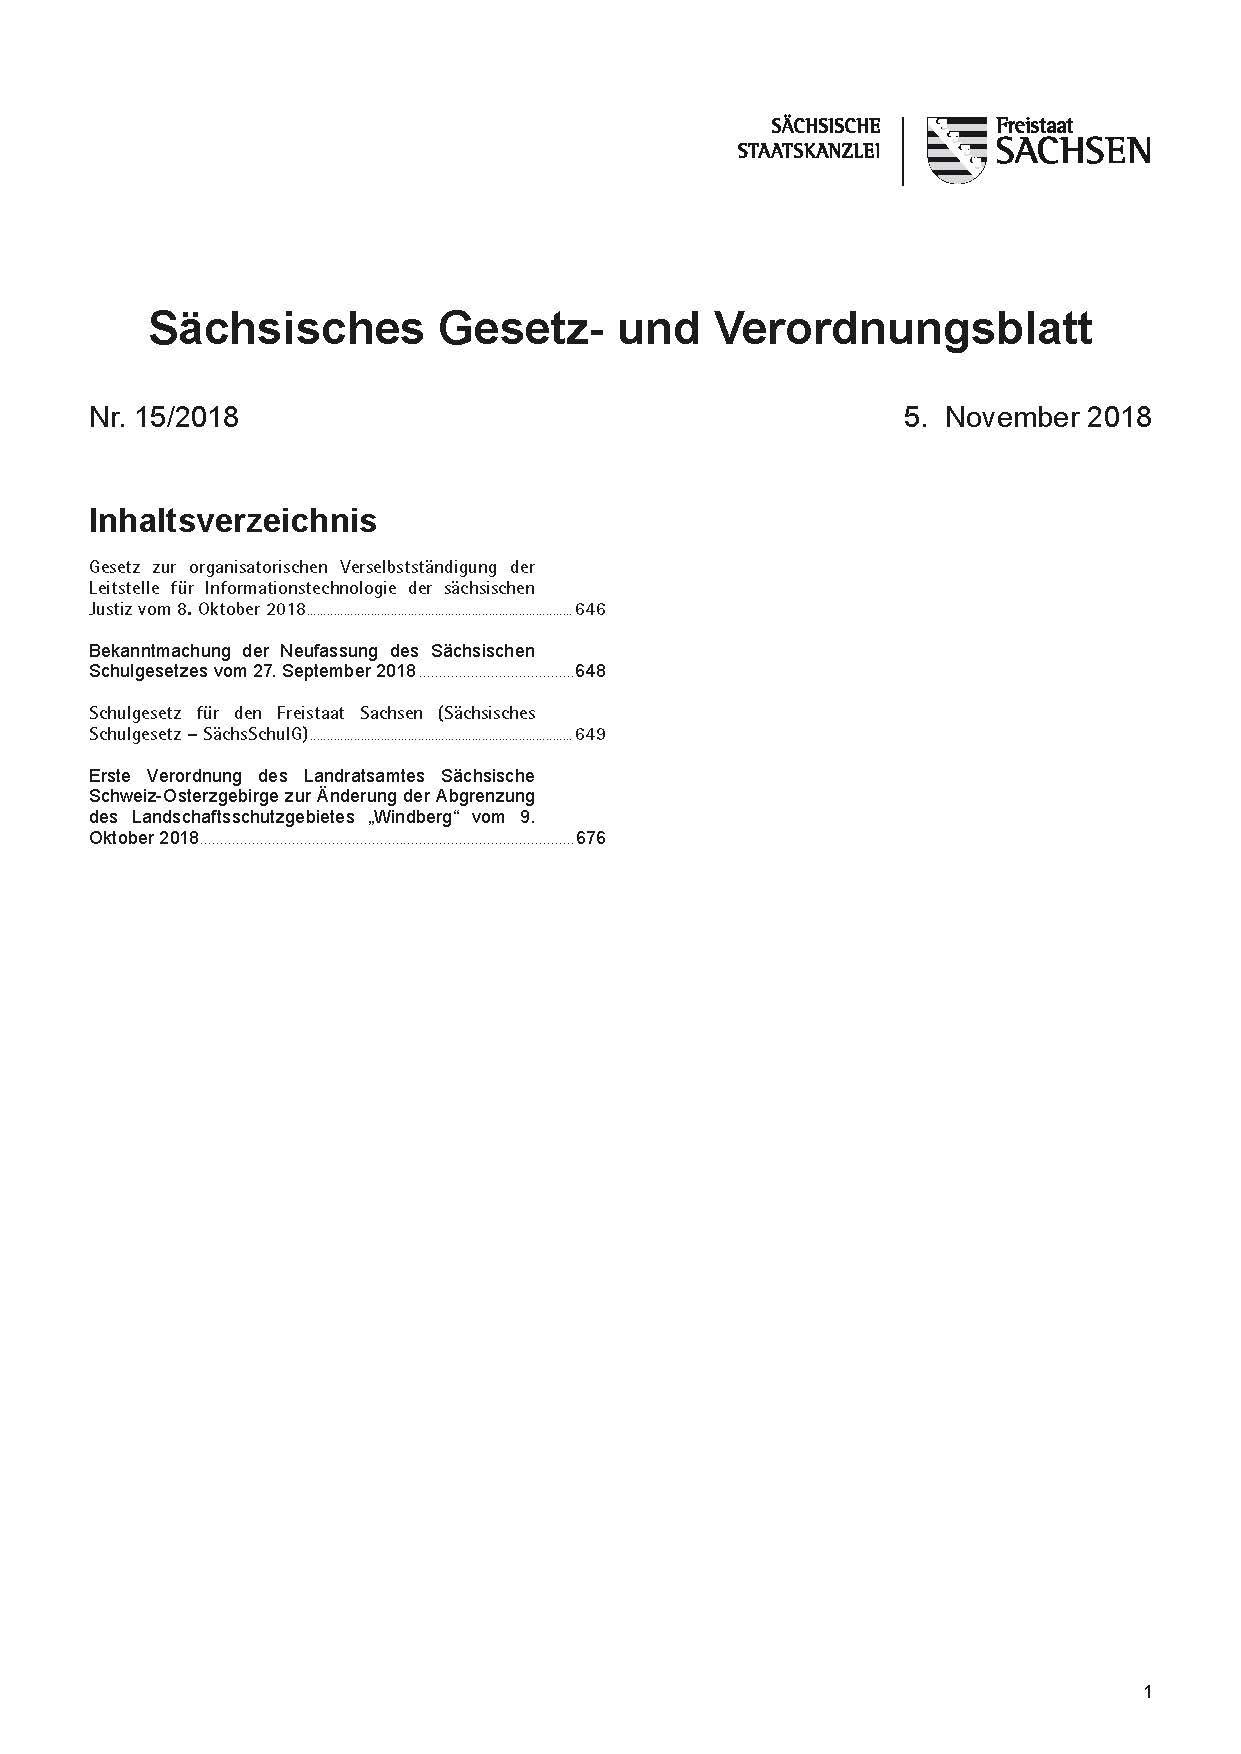 Sächsisches Gesetz- und Verordnungsblatt Heft 01/2019